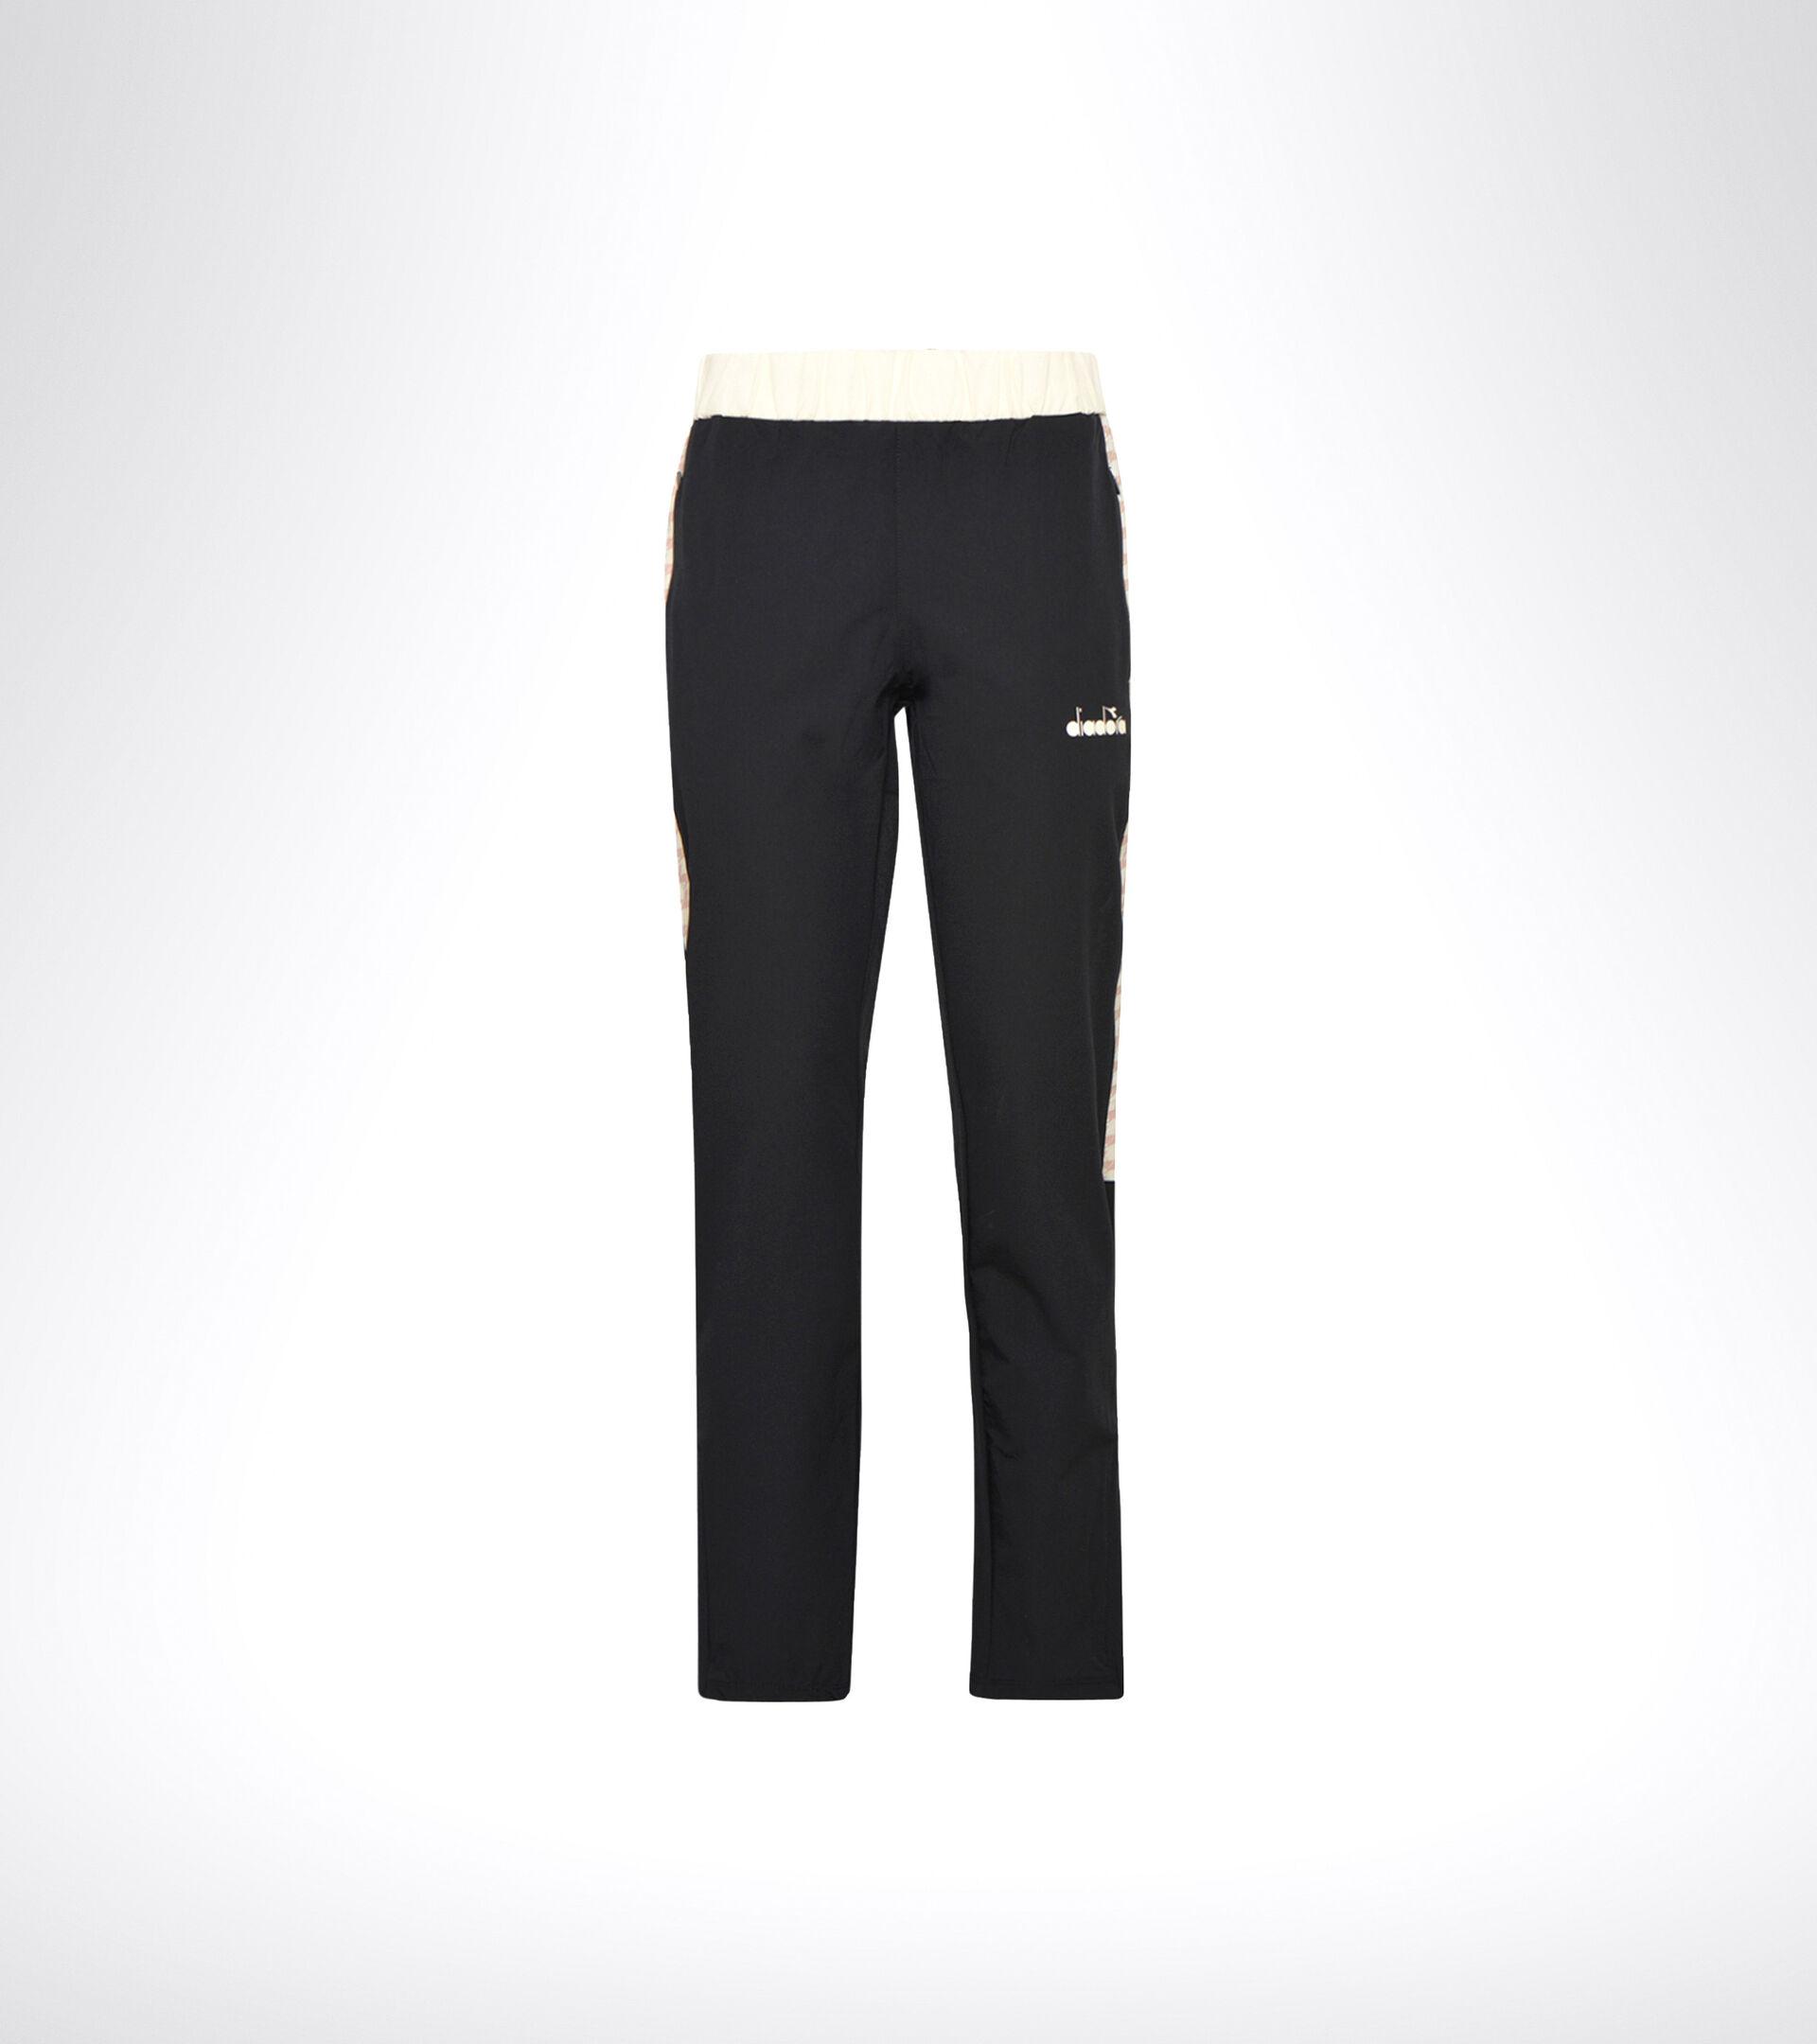 Apparel Sport DONNA L. PANTS CHALLENGE BLACK/MAHOGANY ROSE Diadora